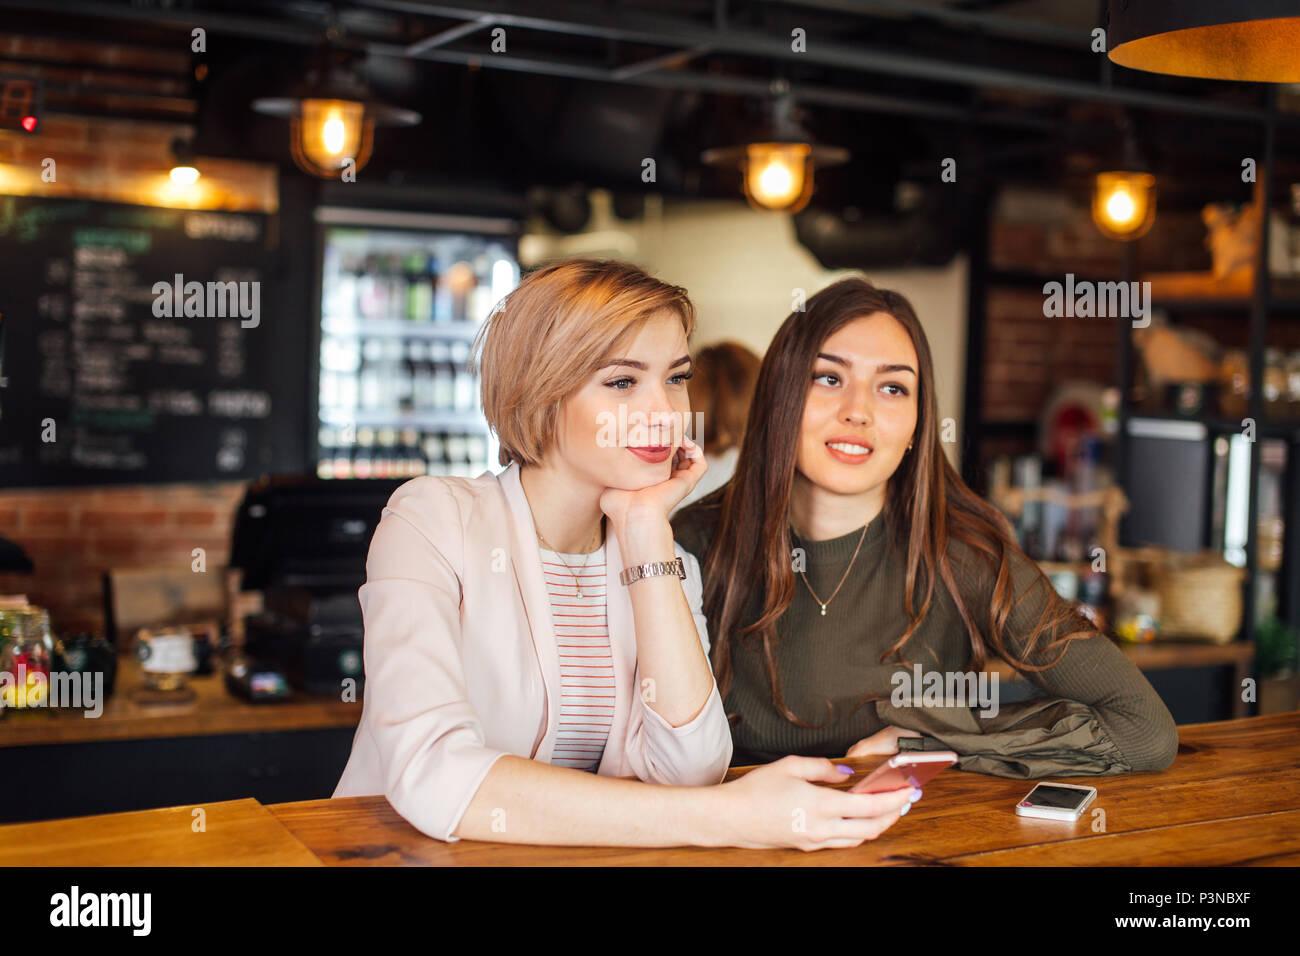 Due bella ragazza chat amici sullo smartphone al cafe Immagini Stock